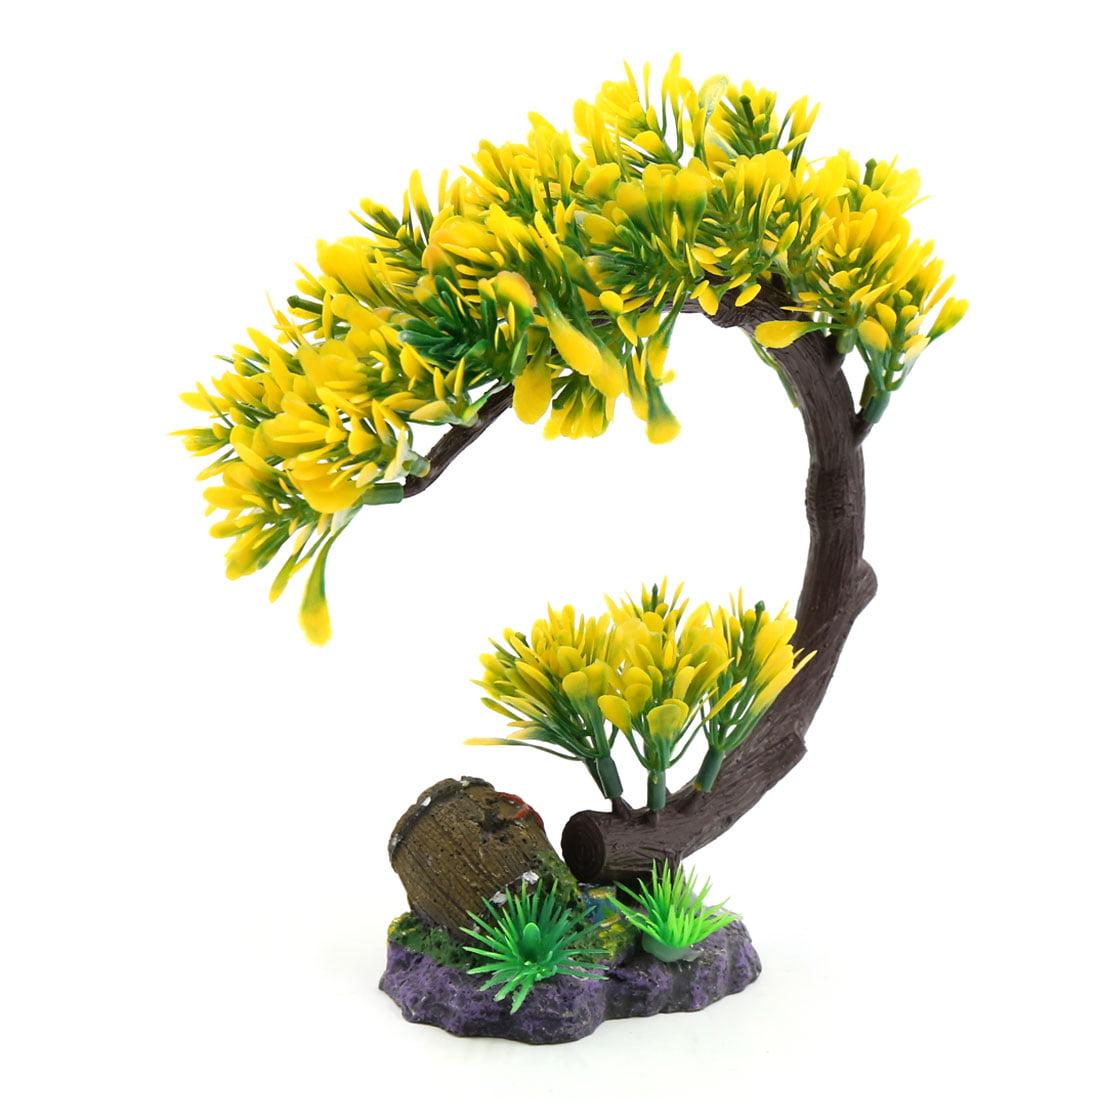 Yellow Plastic Tree Plant Decoration Aquarium Waterscape Ornament Home Decor - image 2 de 3